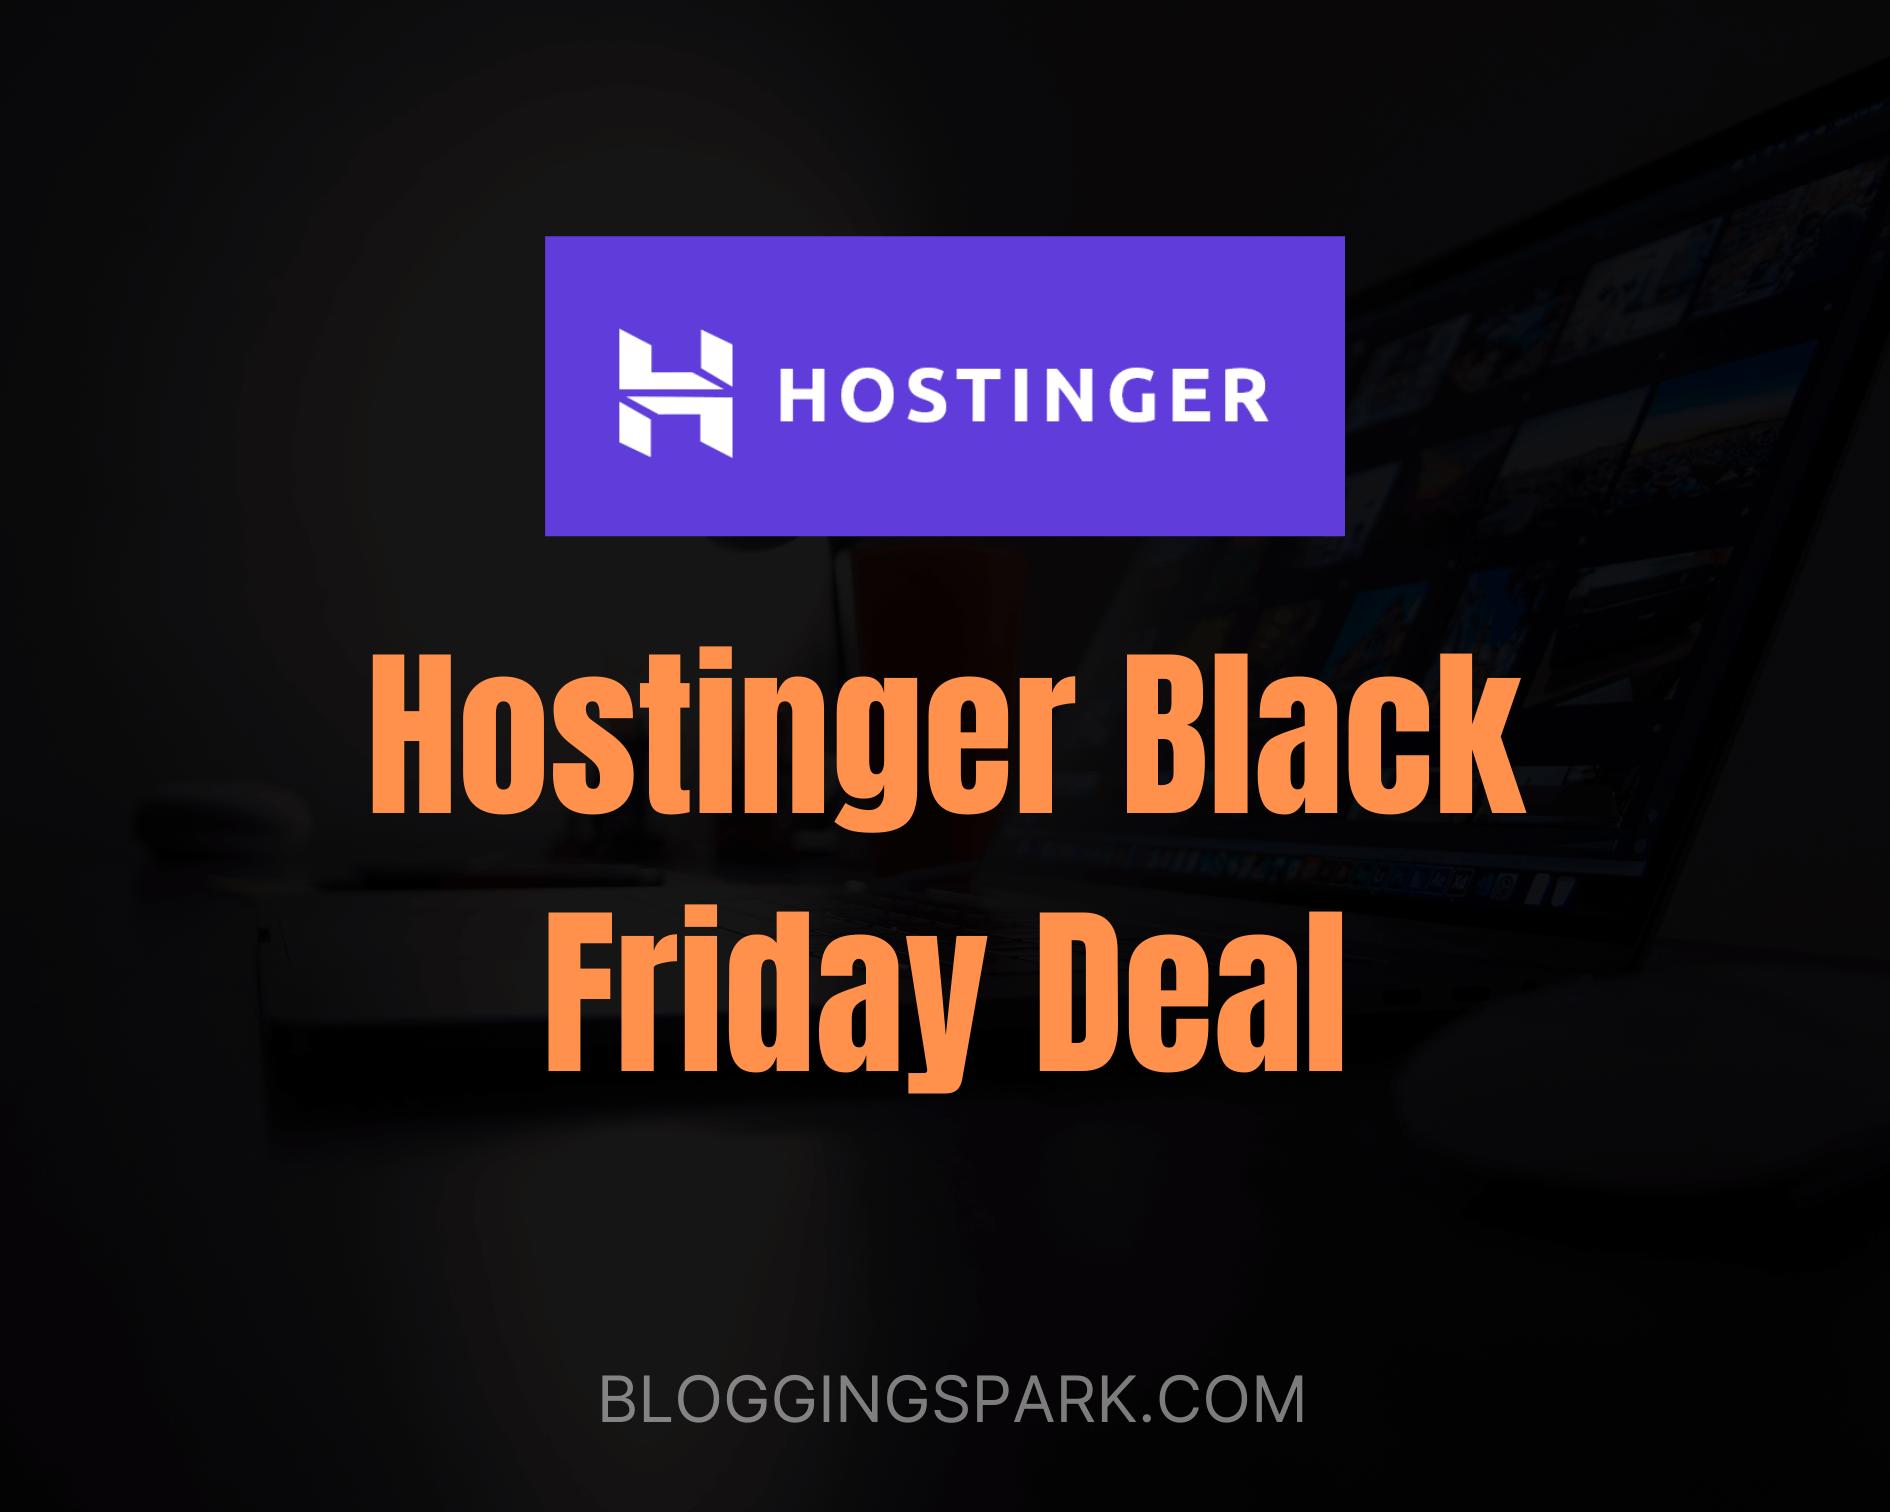 Hostinger Black Friday Deal 2020: Get Upto 90% Discount